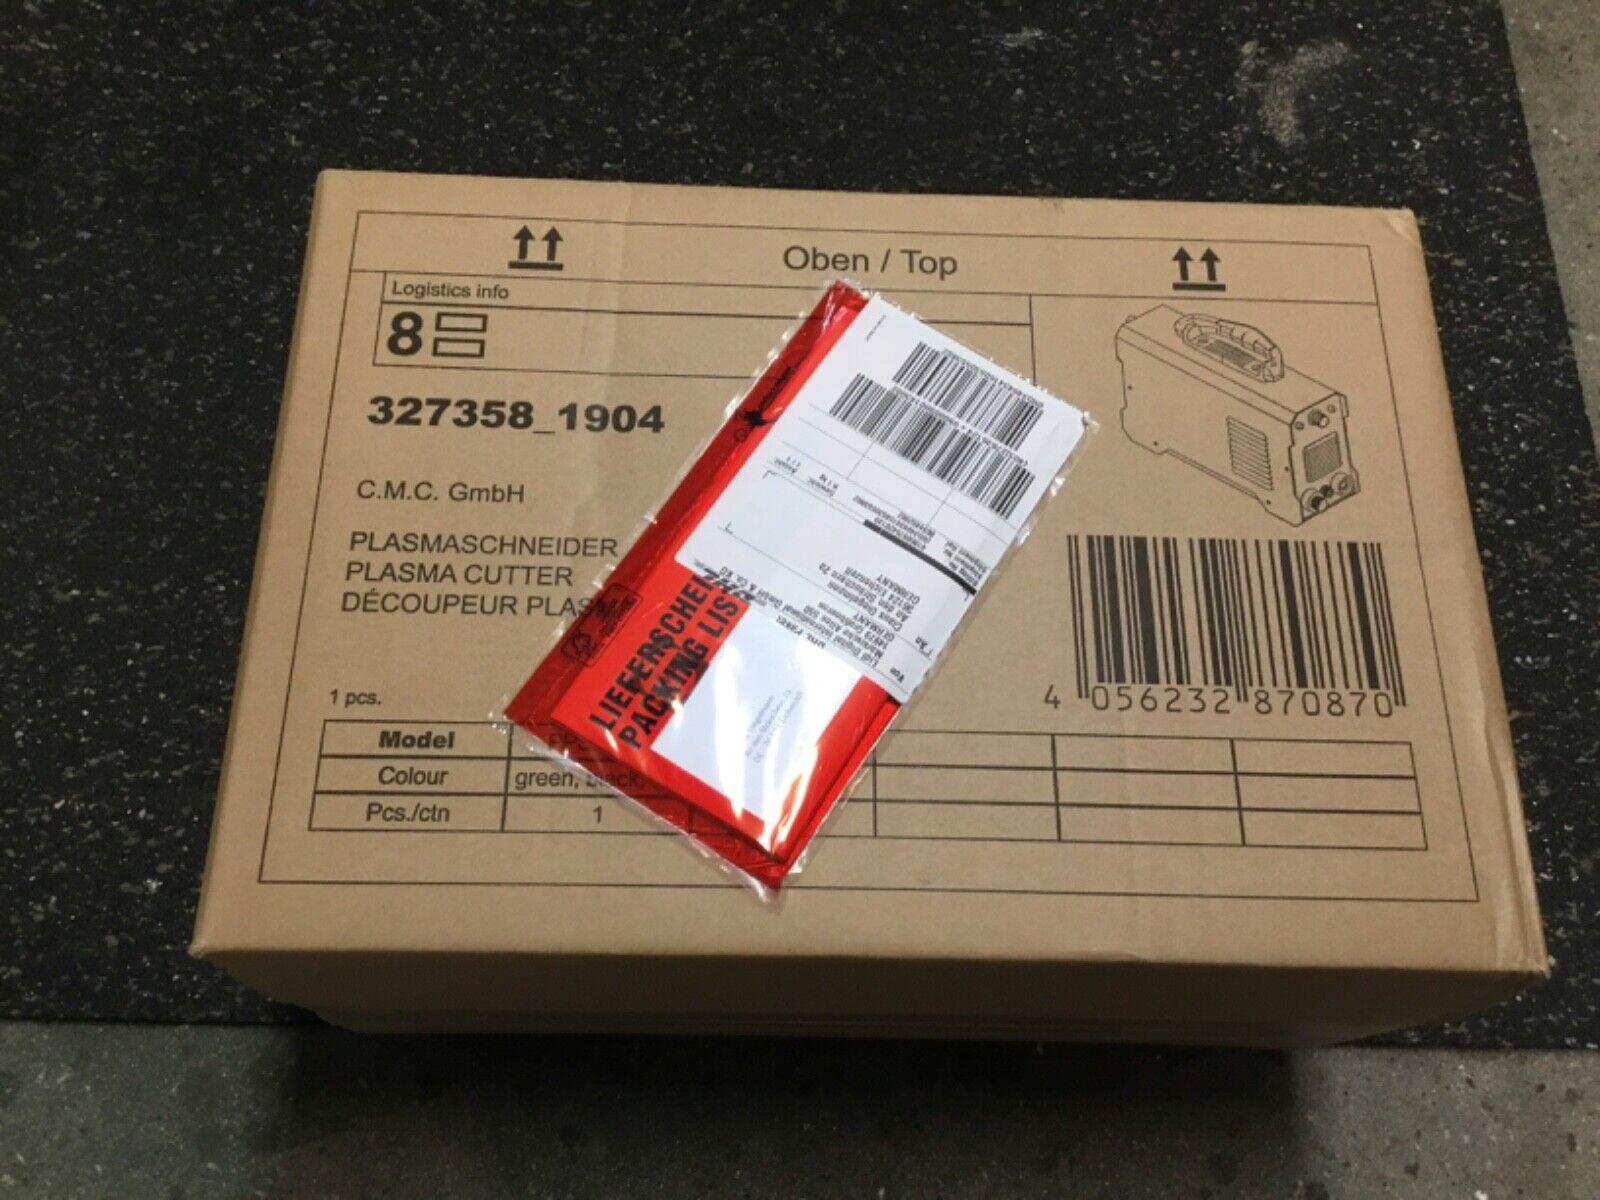 PARKSIDE® Plasmaschneider PPS 40 B2 noch unbenutzt Neu und in OVP mit Rechnung